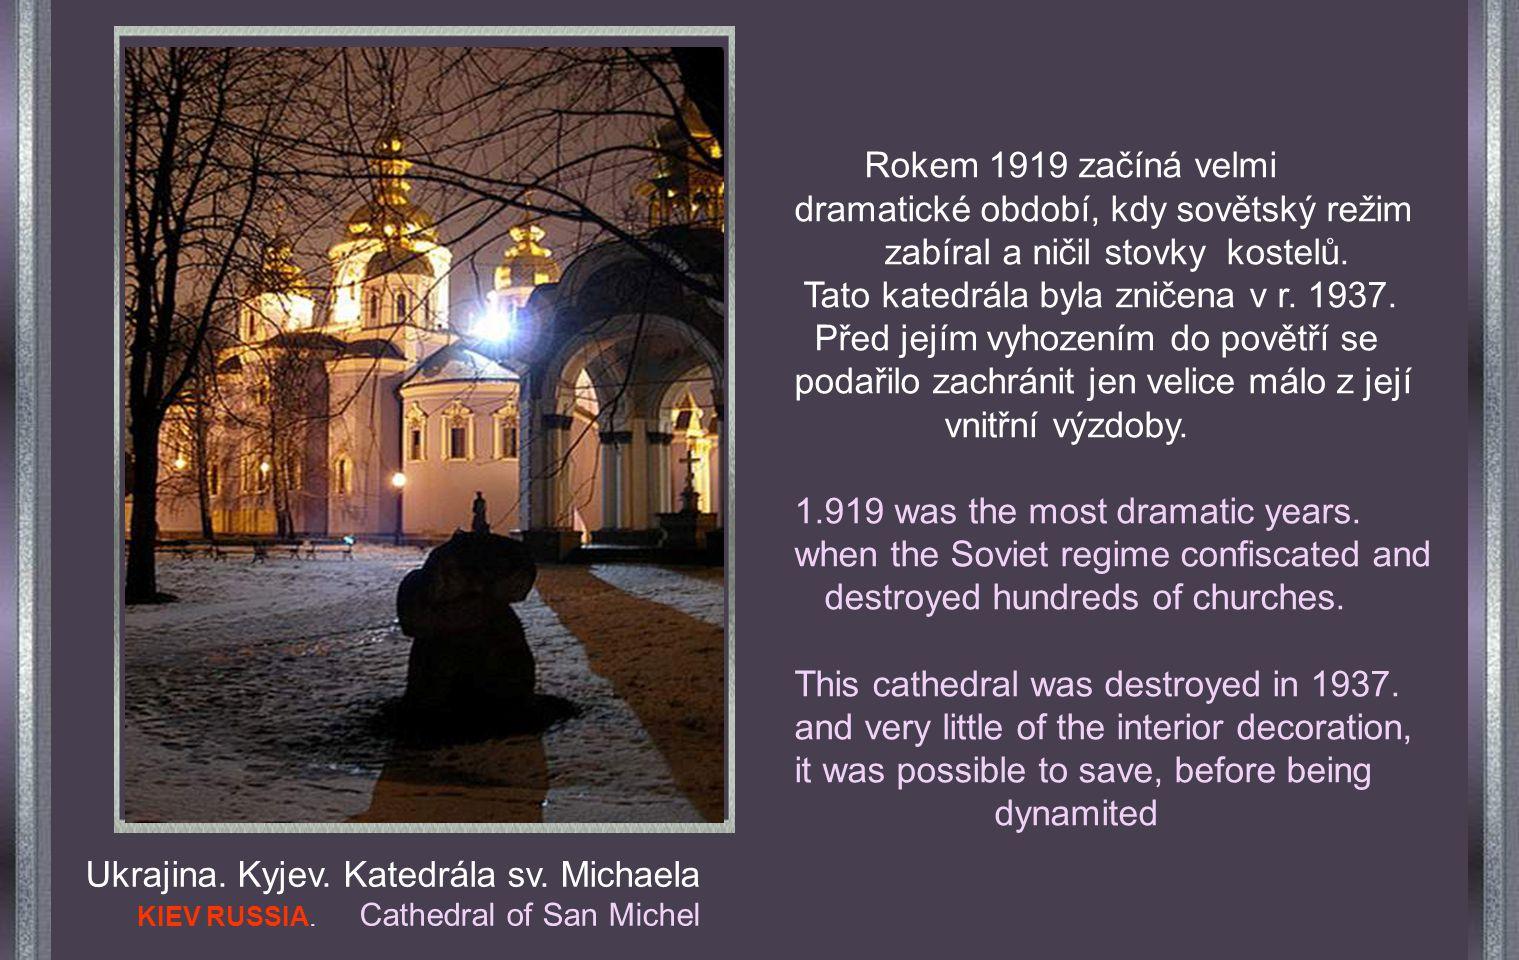 Nový chrám přesně odpovídá tomu původnímu, zničenému za Stalina. The New Church, it is exactly equal, to that it destroyed Stalin. Nynější chrám.. Sta